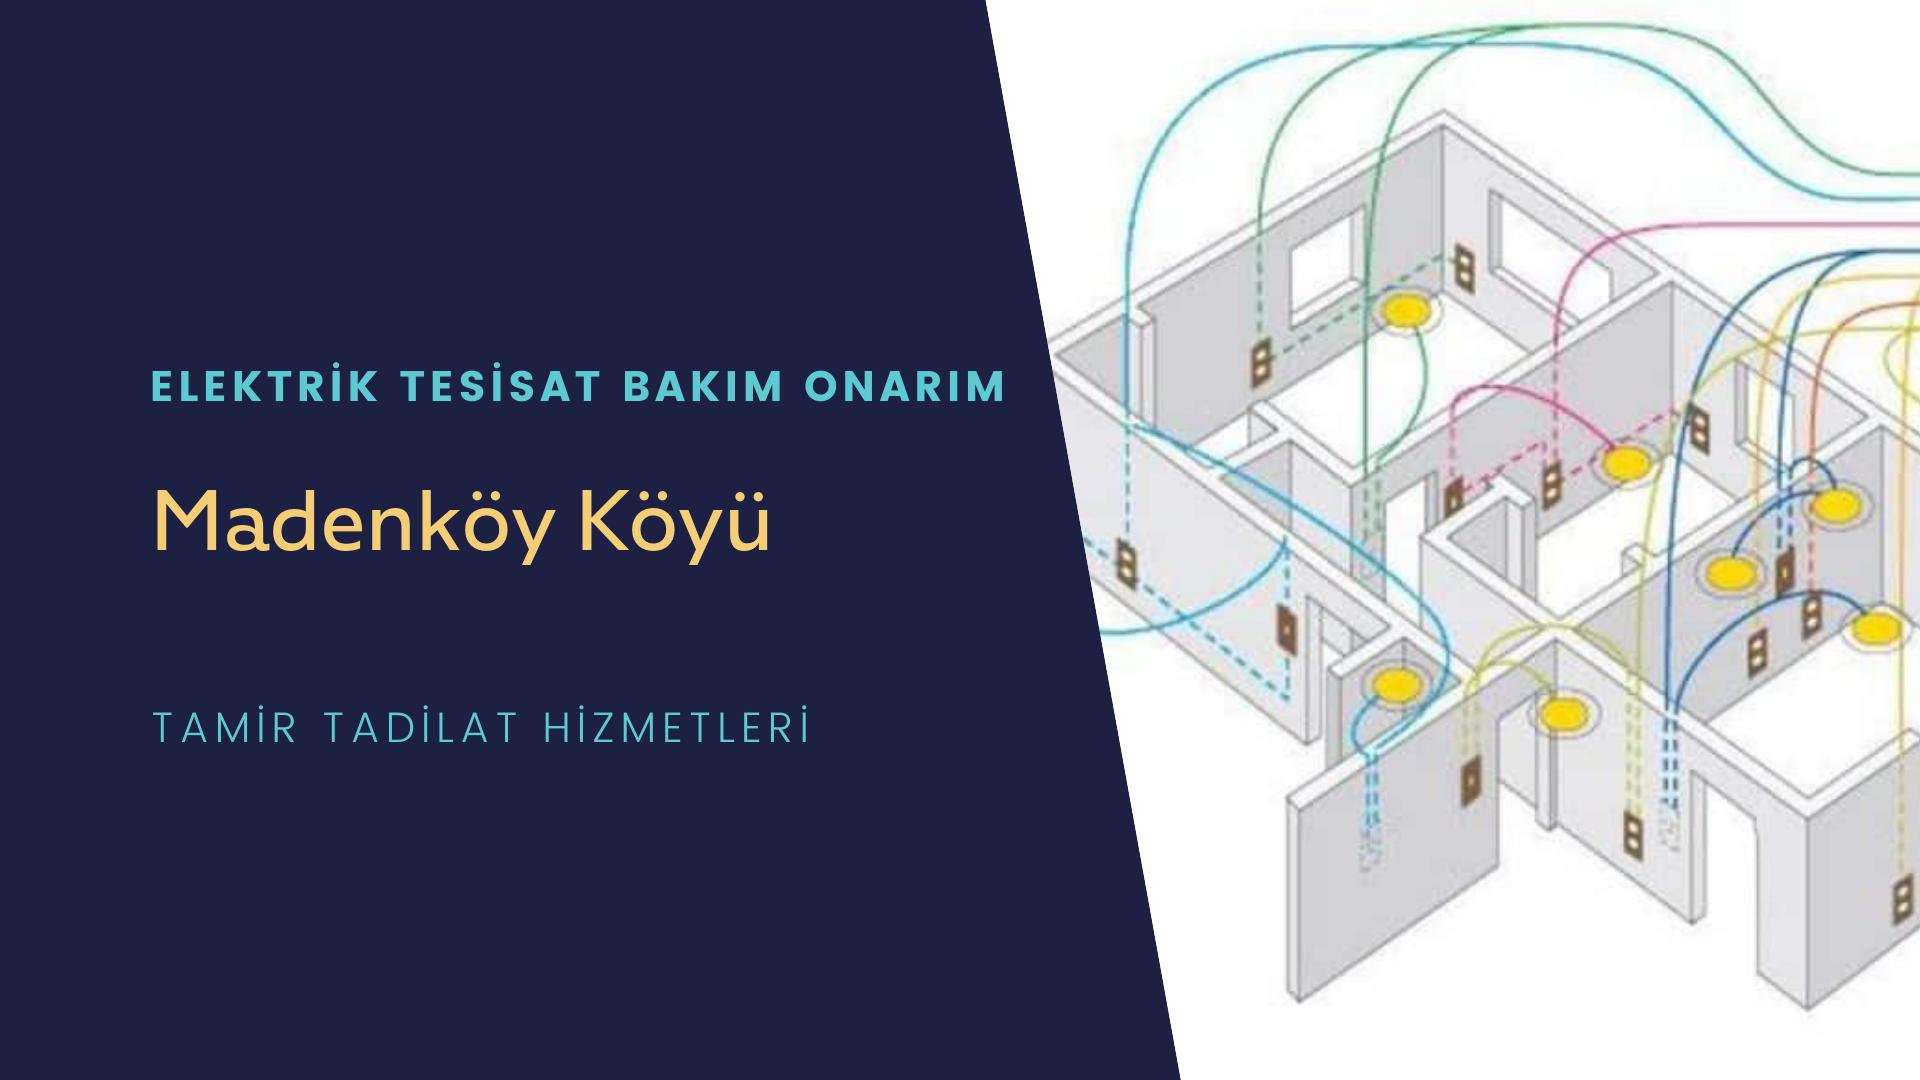 Madenköy Köyü  elektrik tesisatıustalarımı arıyorsunuz doğru adrestenizi Madenköy Köyü elektrik tesisatı ustalarımız 7/24 sizlere hizmet vermekten mutluluk duyar.